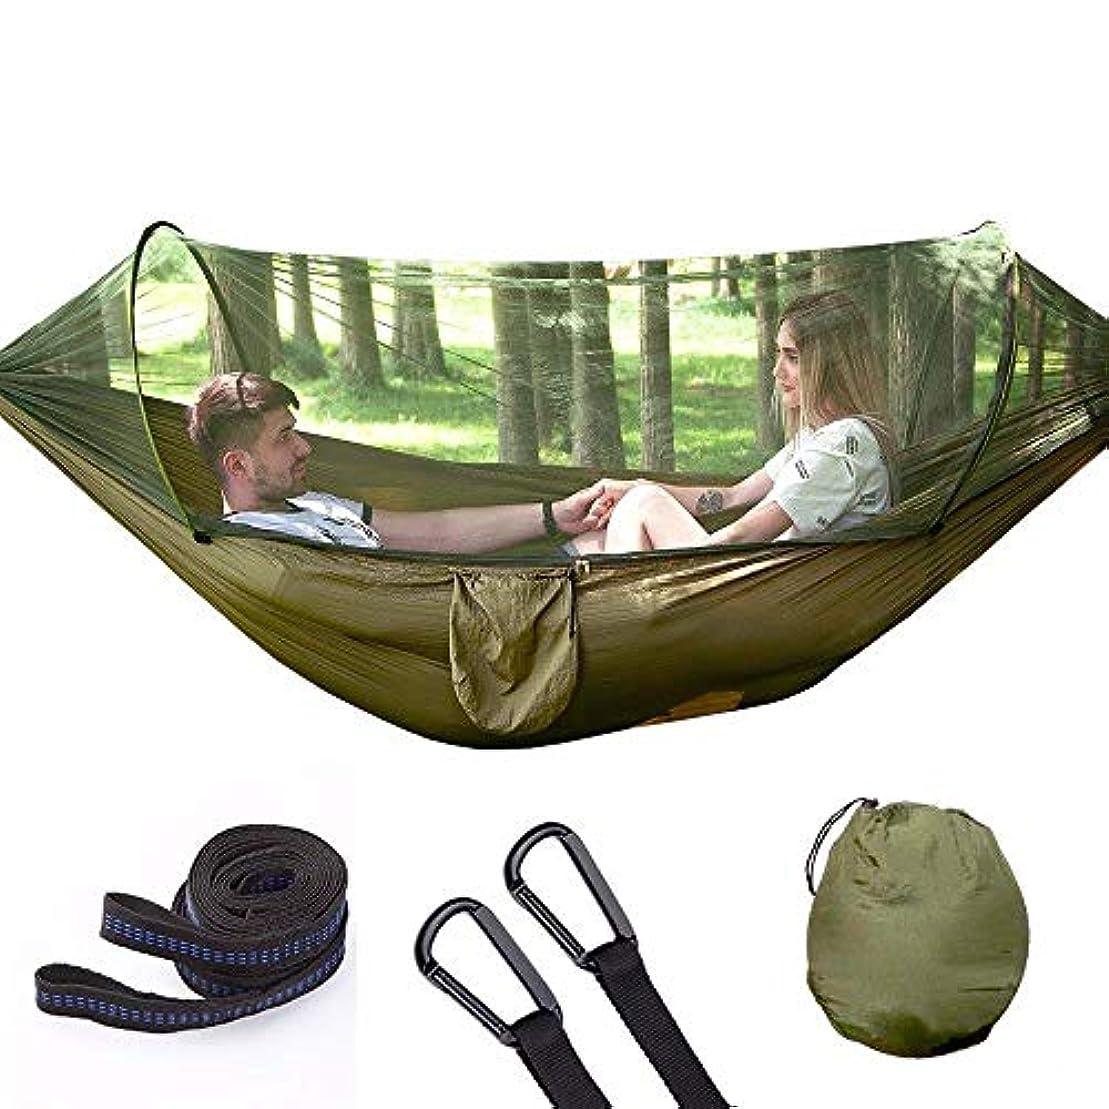 ヒップ関数多用途MSchunou フルオートクイックオープニングベッドネットハンモック屋外で蚊帳ハンモックパラシュート布キャンプ蚊ハンモック、グリーン